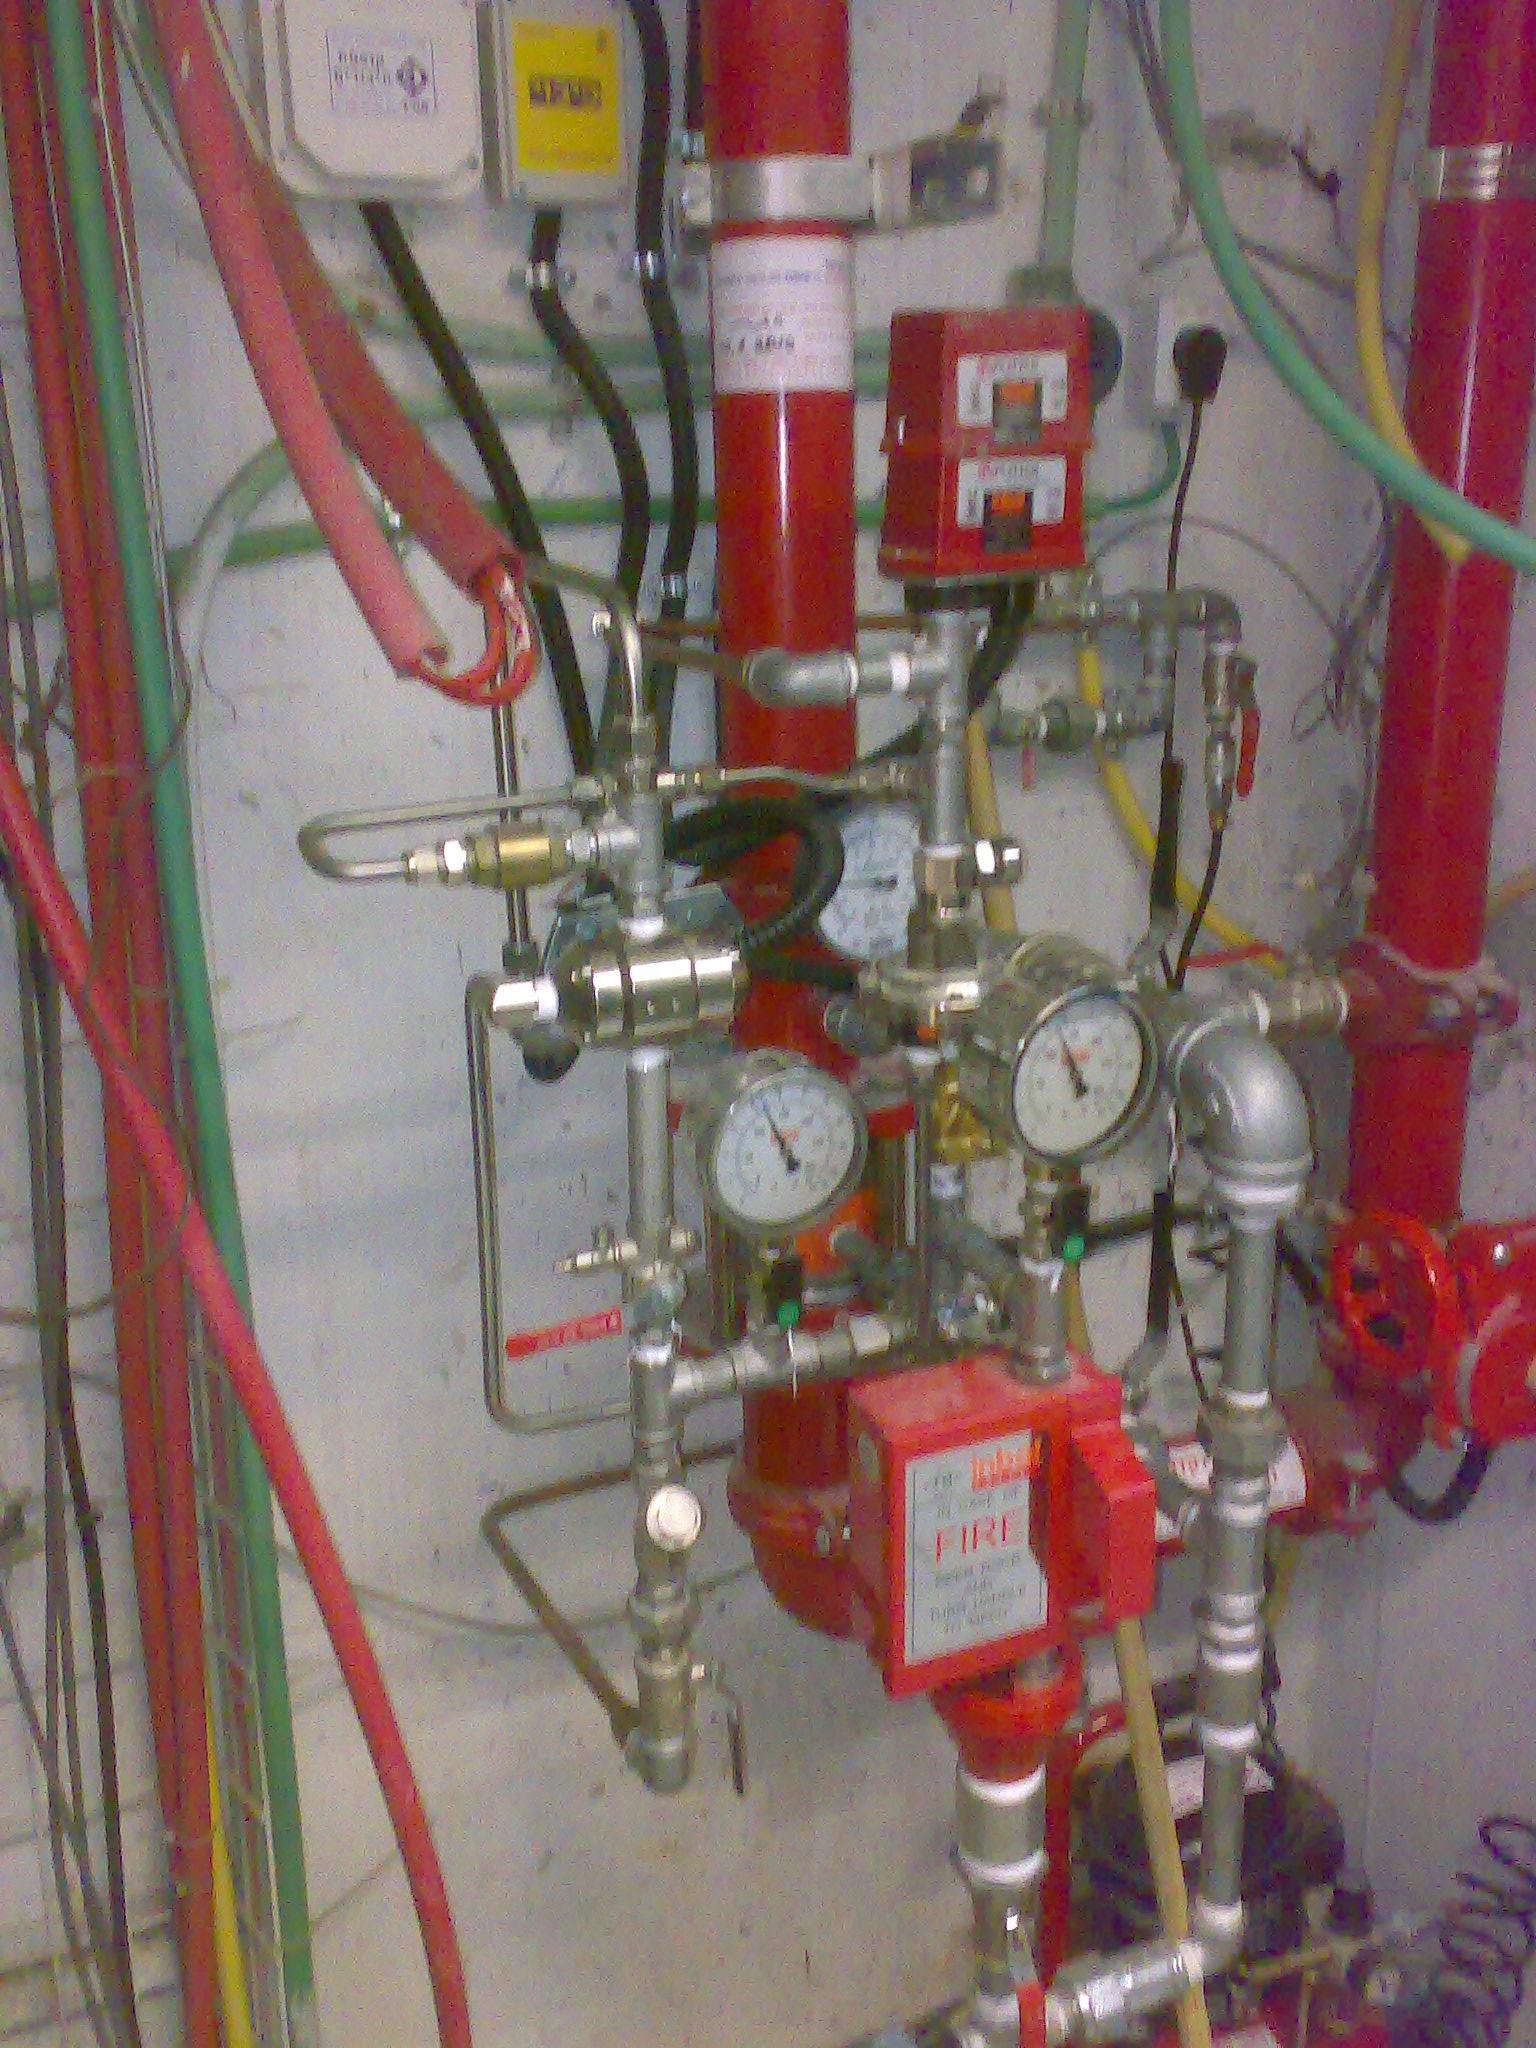 מערכות הפעלה מוקדמת לכיבוי אש